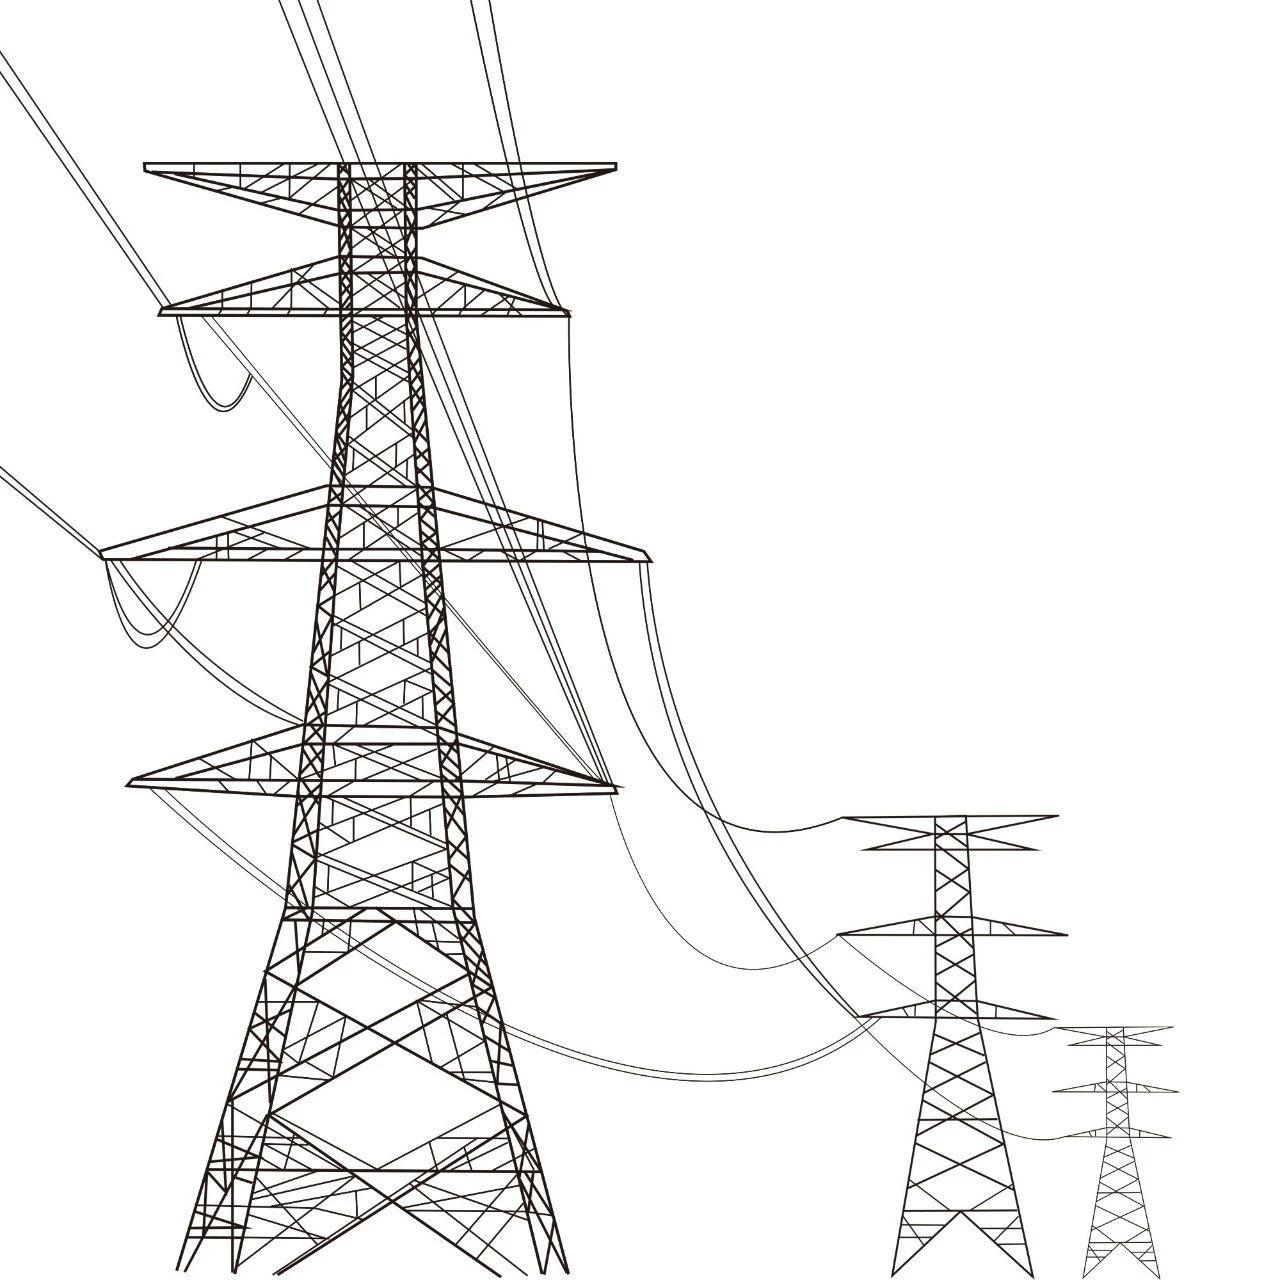 【我为群众办实事】晋能控股电力集团地电方山分公司:保供电 助春耕